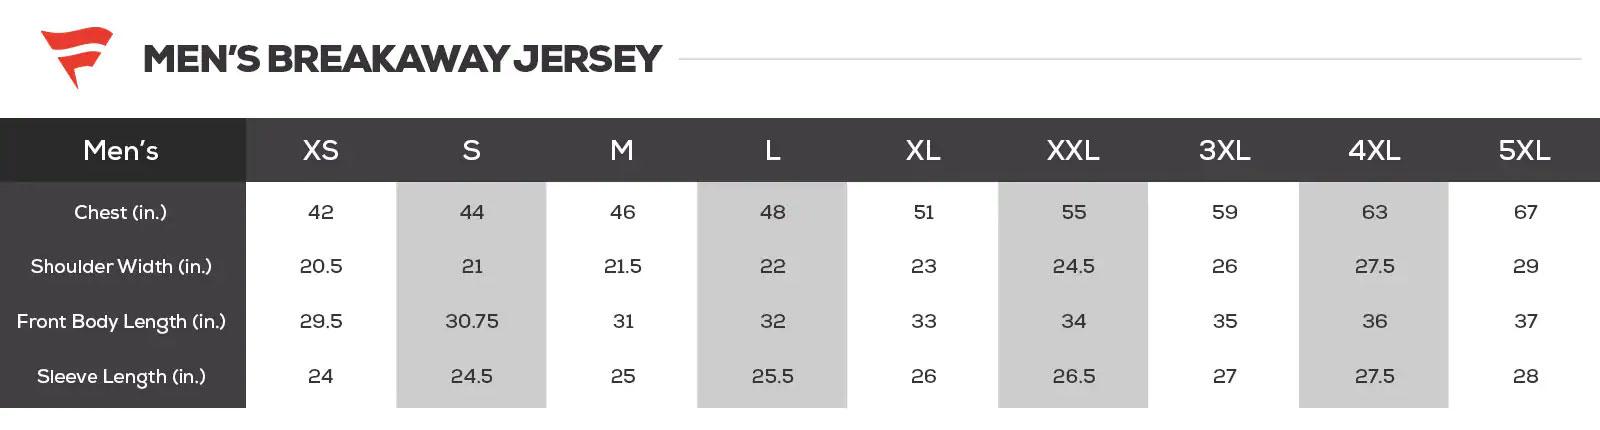 NHL Jersey Size Chart